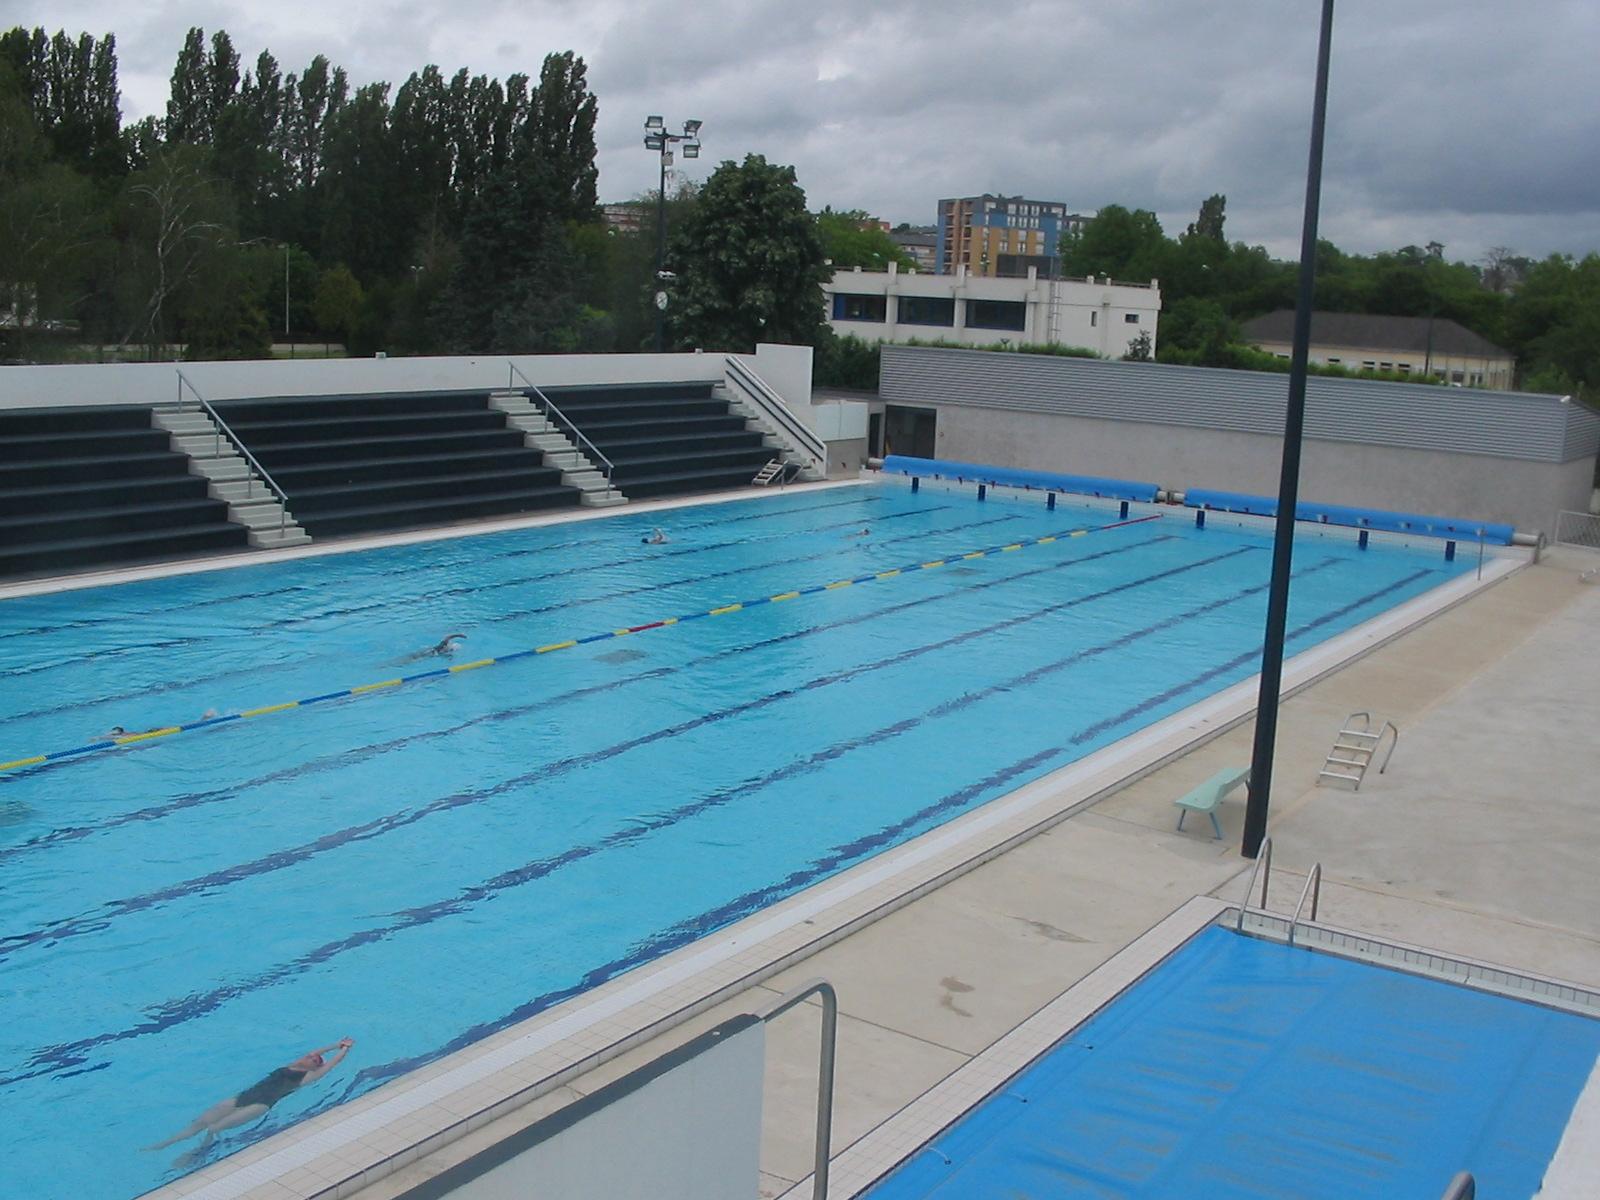 Bassin exterieur 50m for Club piscine laval autoroute 15